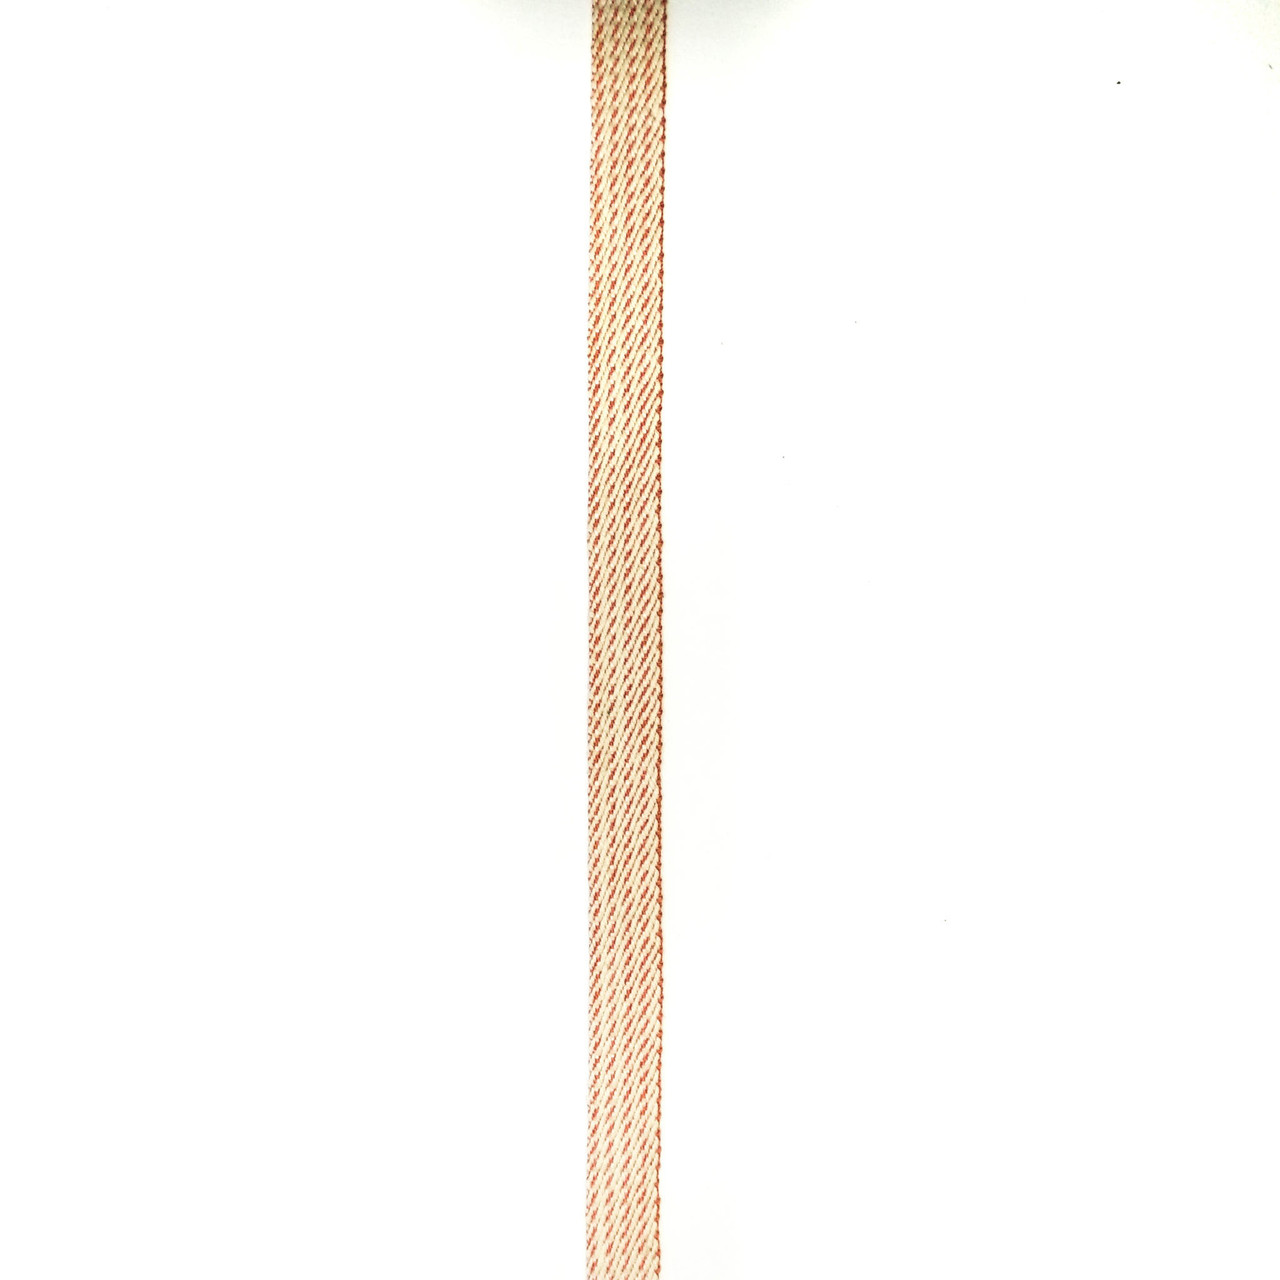 Стрічка сито-фільтр 11 мм (50 м/рулон)